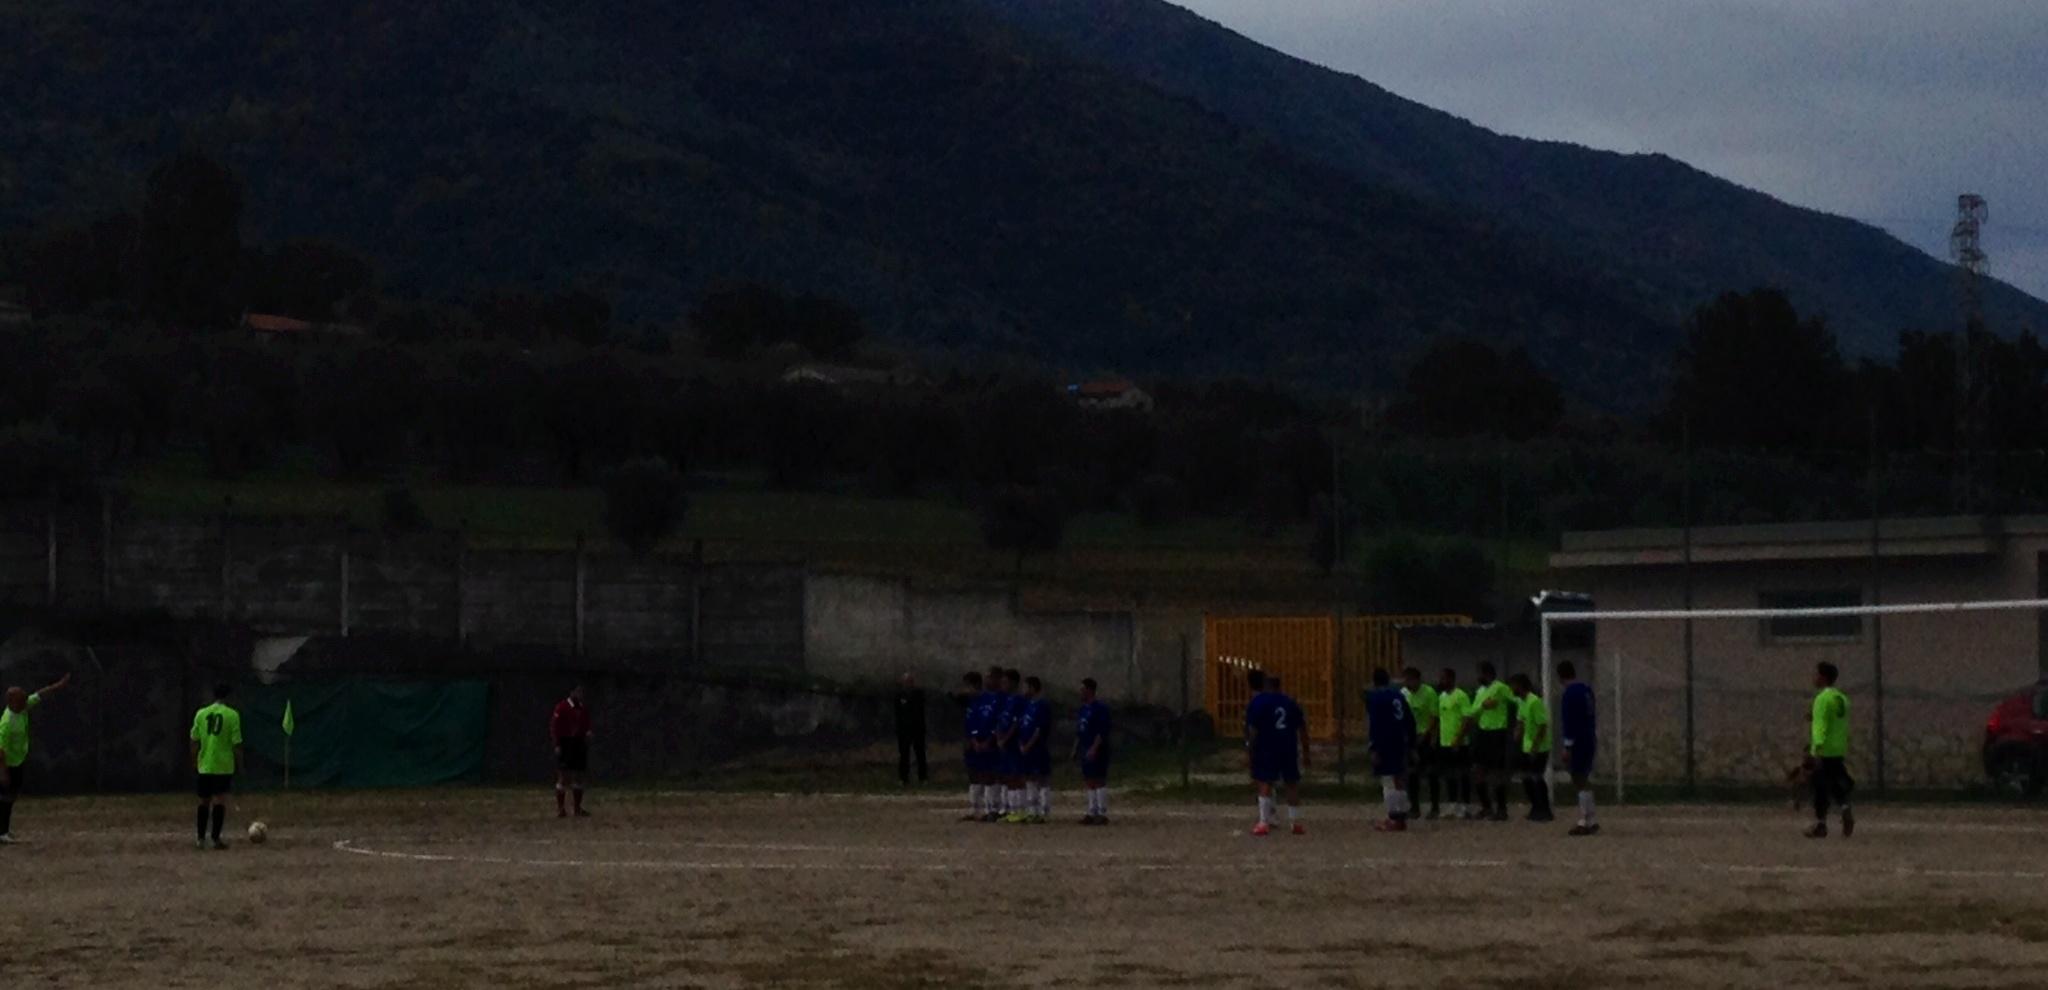 L'Atletico Sanniti pareggia sul campo difficile del Carullo: 1 - 1